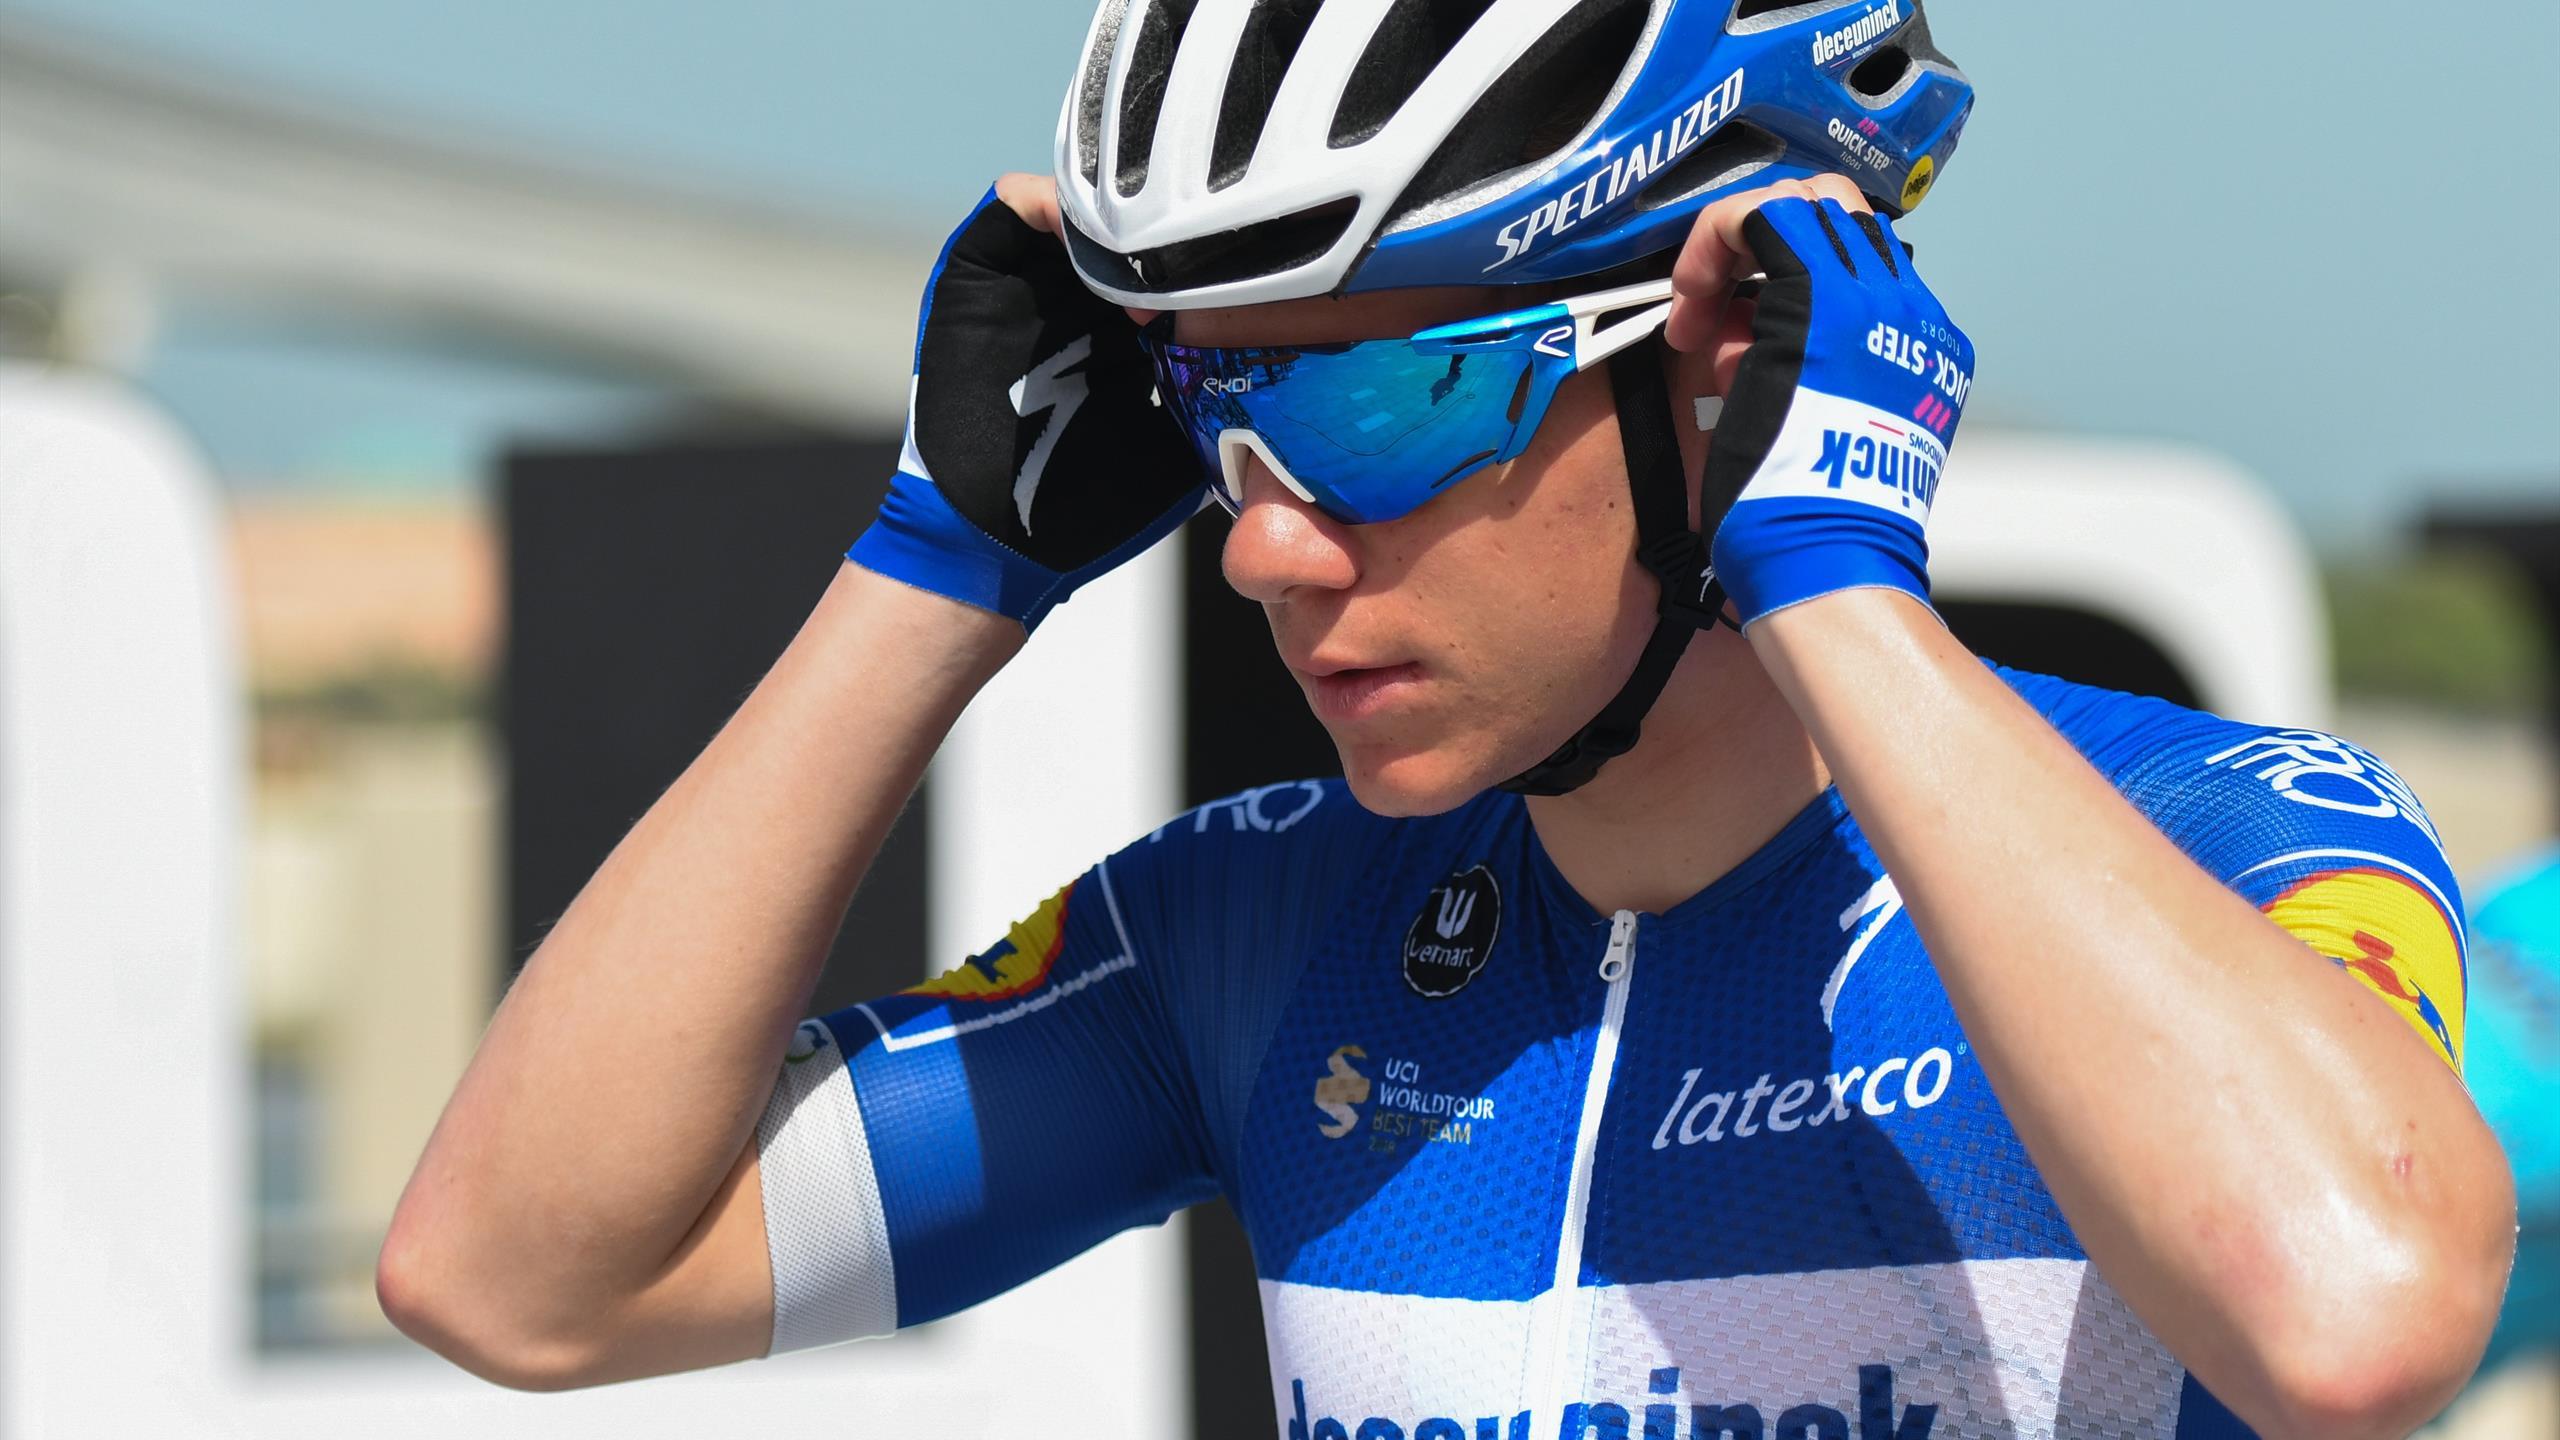 De retour sur la route six mois après son accident, Remco Evenepoel savoure, mais reste prudent - Eurosport FR